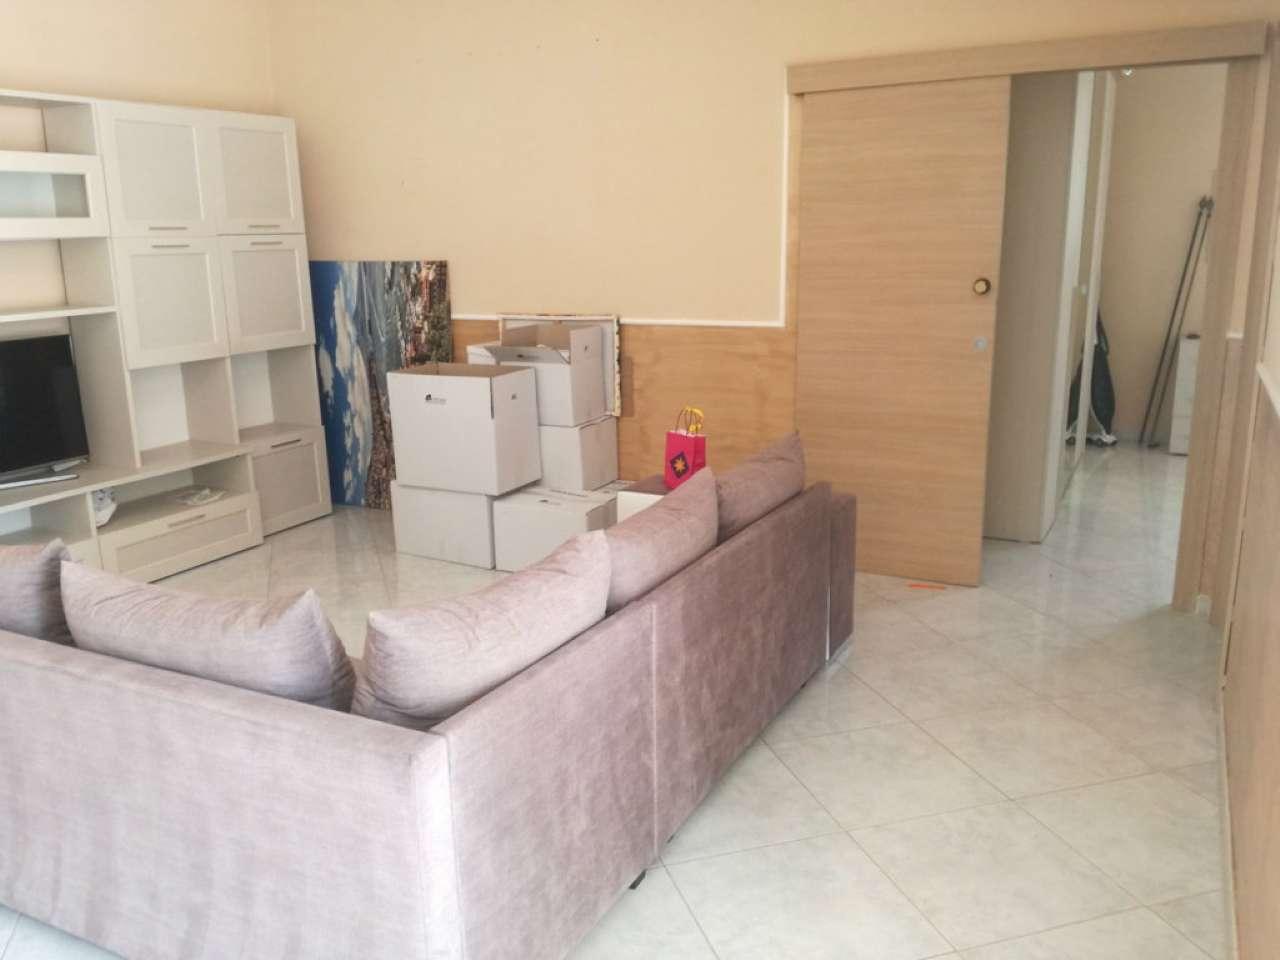 Appartamento, SANT'EUSTACCHIO, 0, Affitto/Cessione - Castellammare Di Stabia